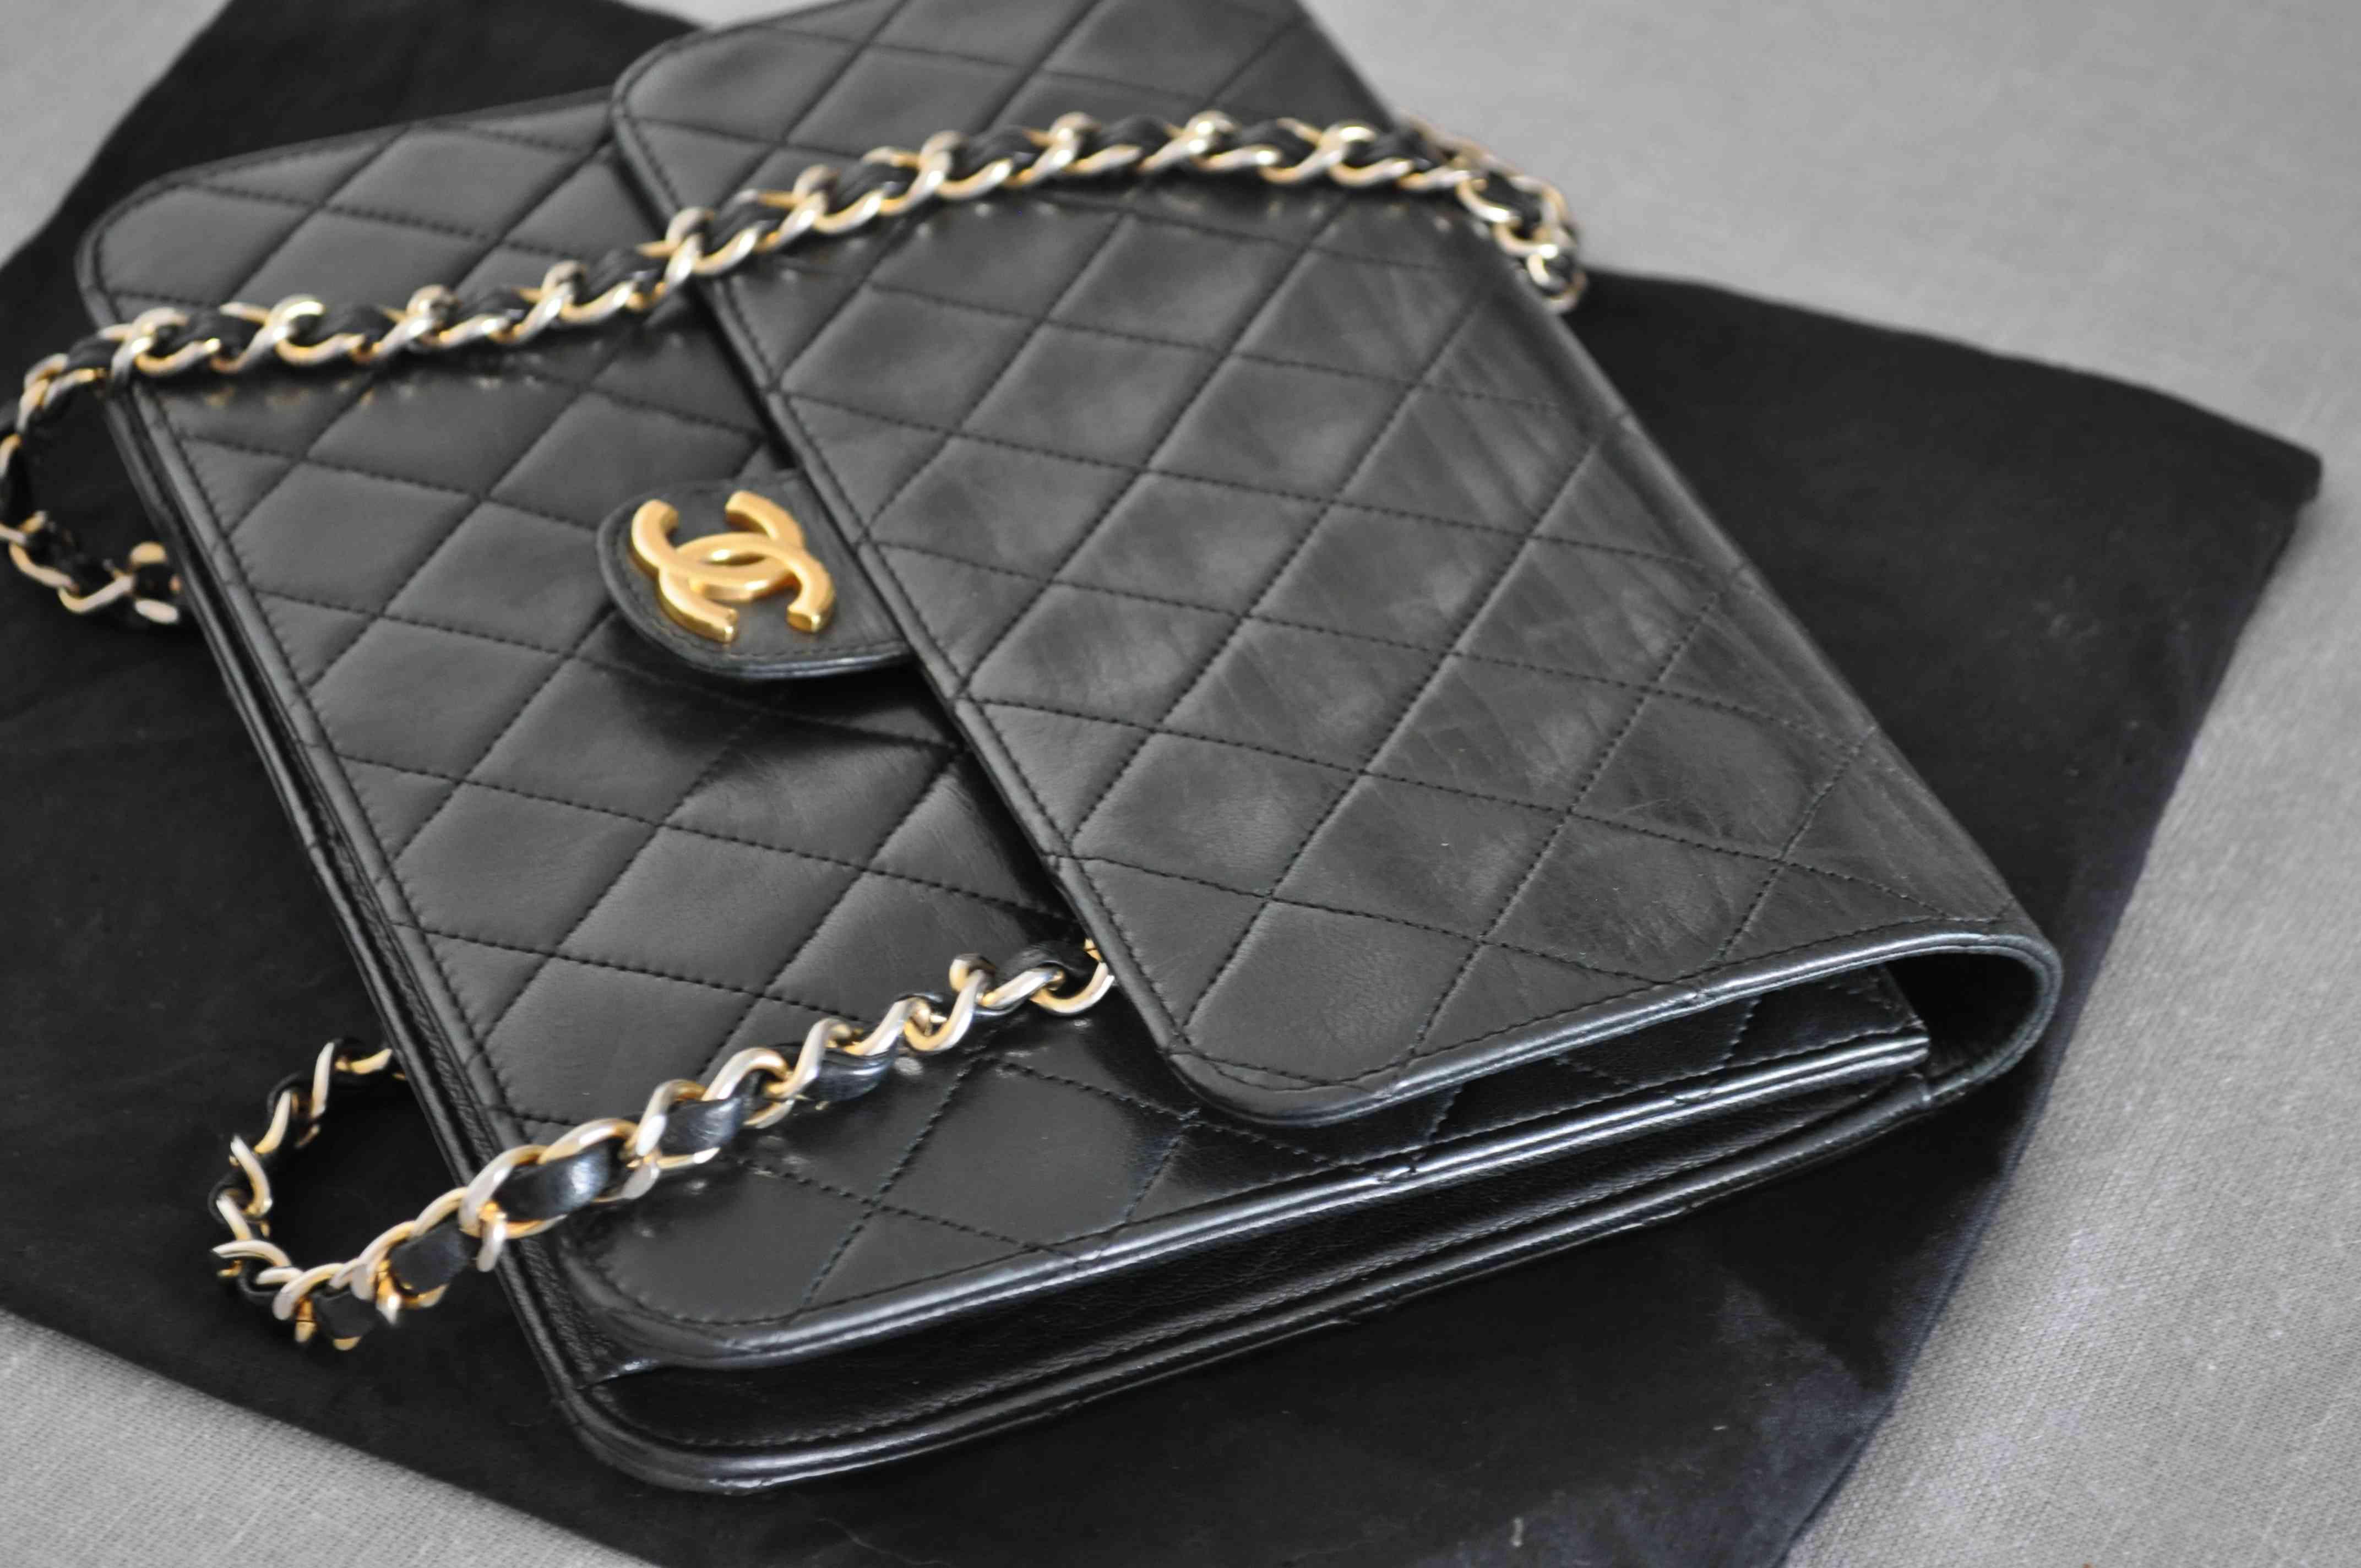 a61c6a854446 Aide à propos d un modèle ancien du Chanel 2.55 - Forum libre Beauté ...